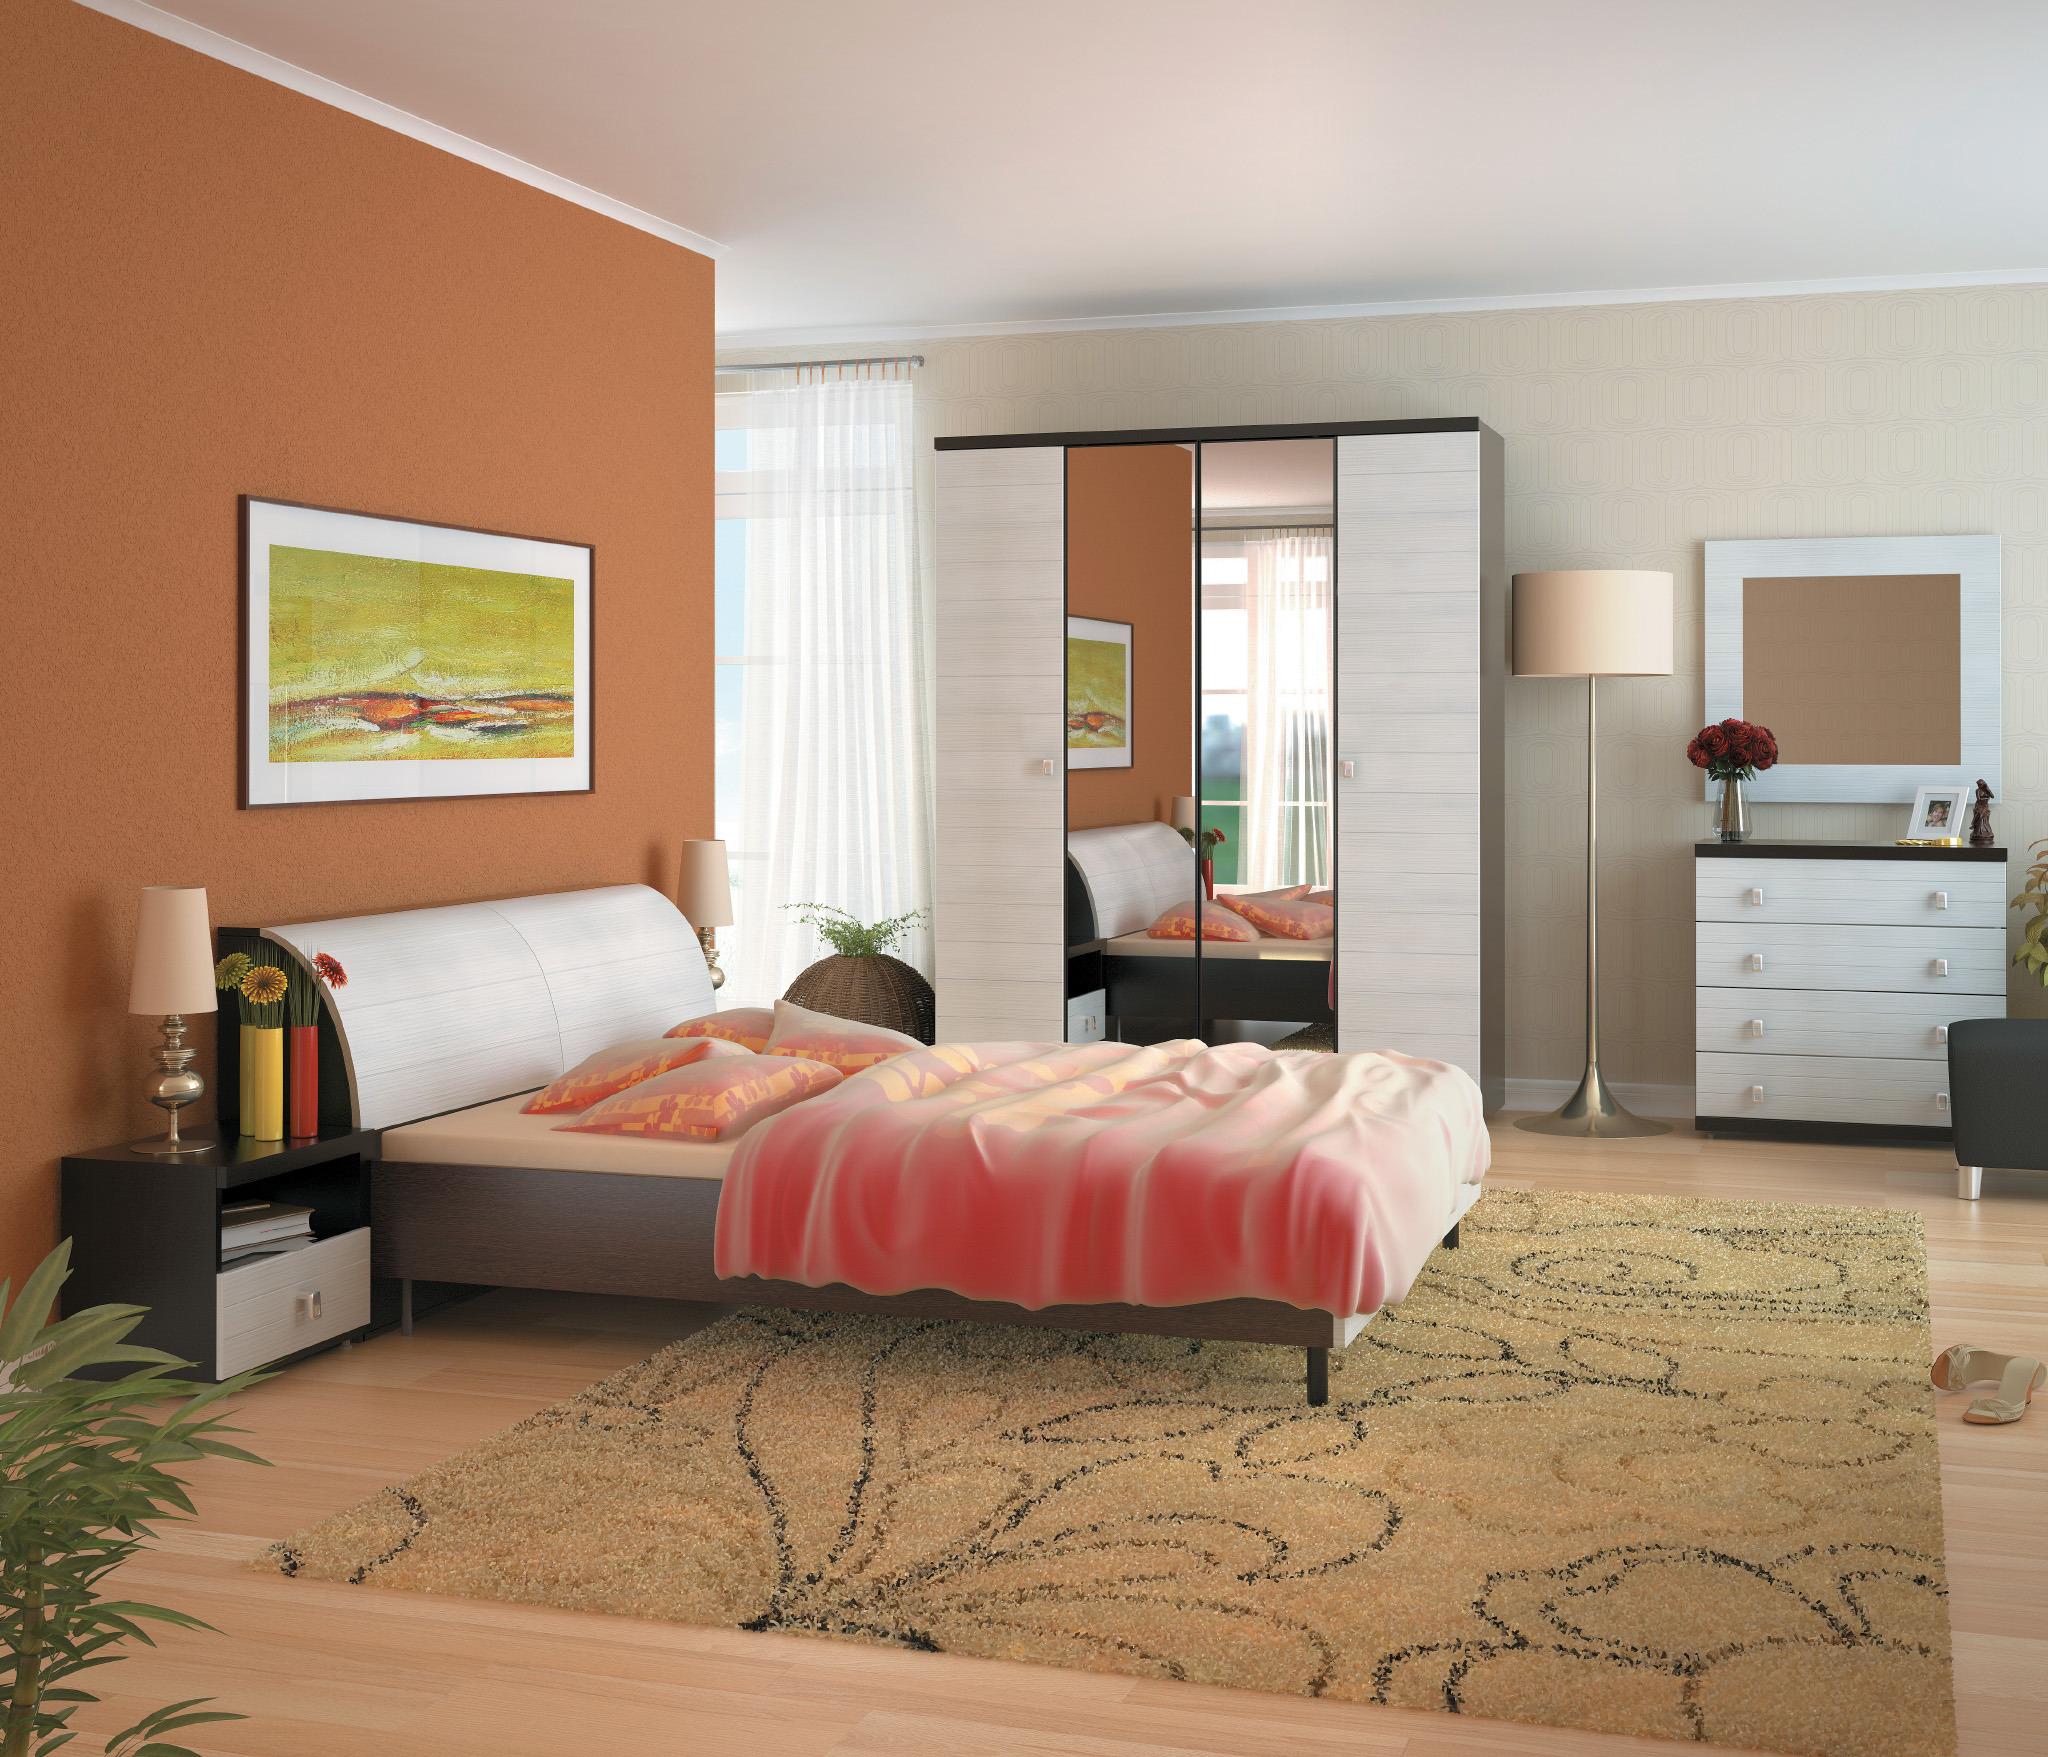 Гретта Онденс Спальня Набор 1Готовые комплекты<br>Гретта Онденс  включает в себя все незаменимые атрибуты спальни: функциональный шкаф с зеркальным фасадом, удобную кровать, вместительный комод и компактную прикроватную тумбу.<br><br>Длина мм: 0<br>Высота мм: 0<br>Глубина мм: 0<br>Материал: ЛДСП<br>Основание для матраса: Нет